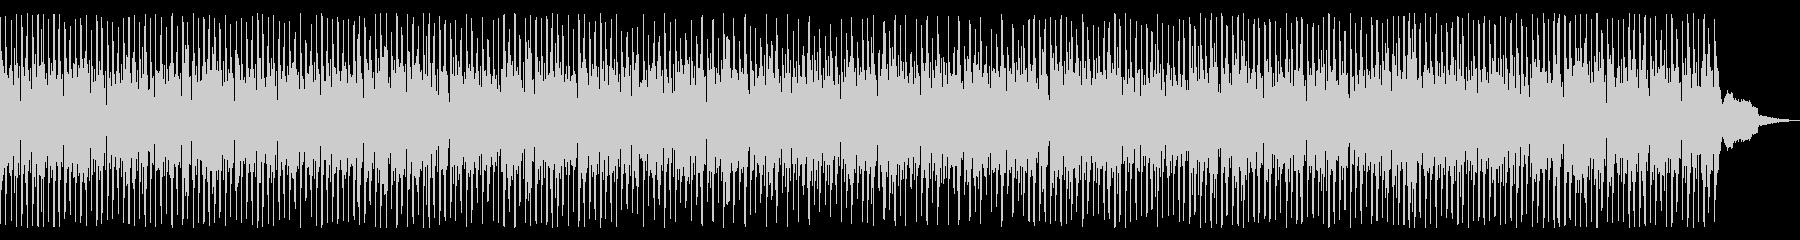 ほのぼの・かわいいウクレレ&マリンバの未再生の波形